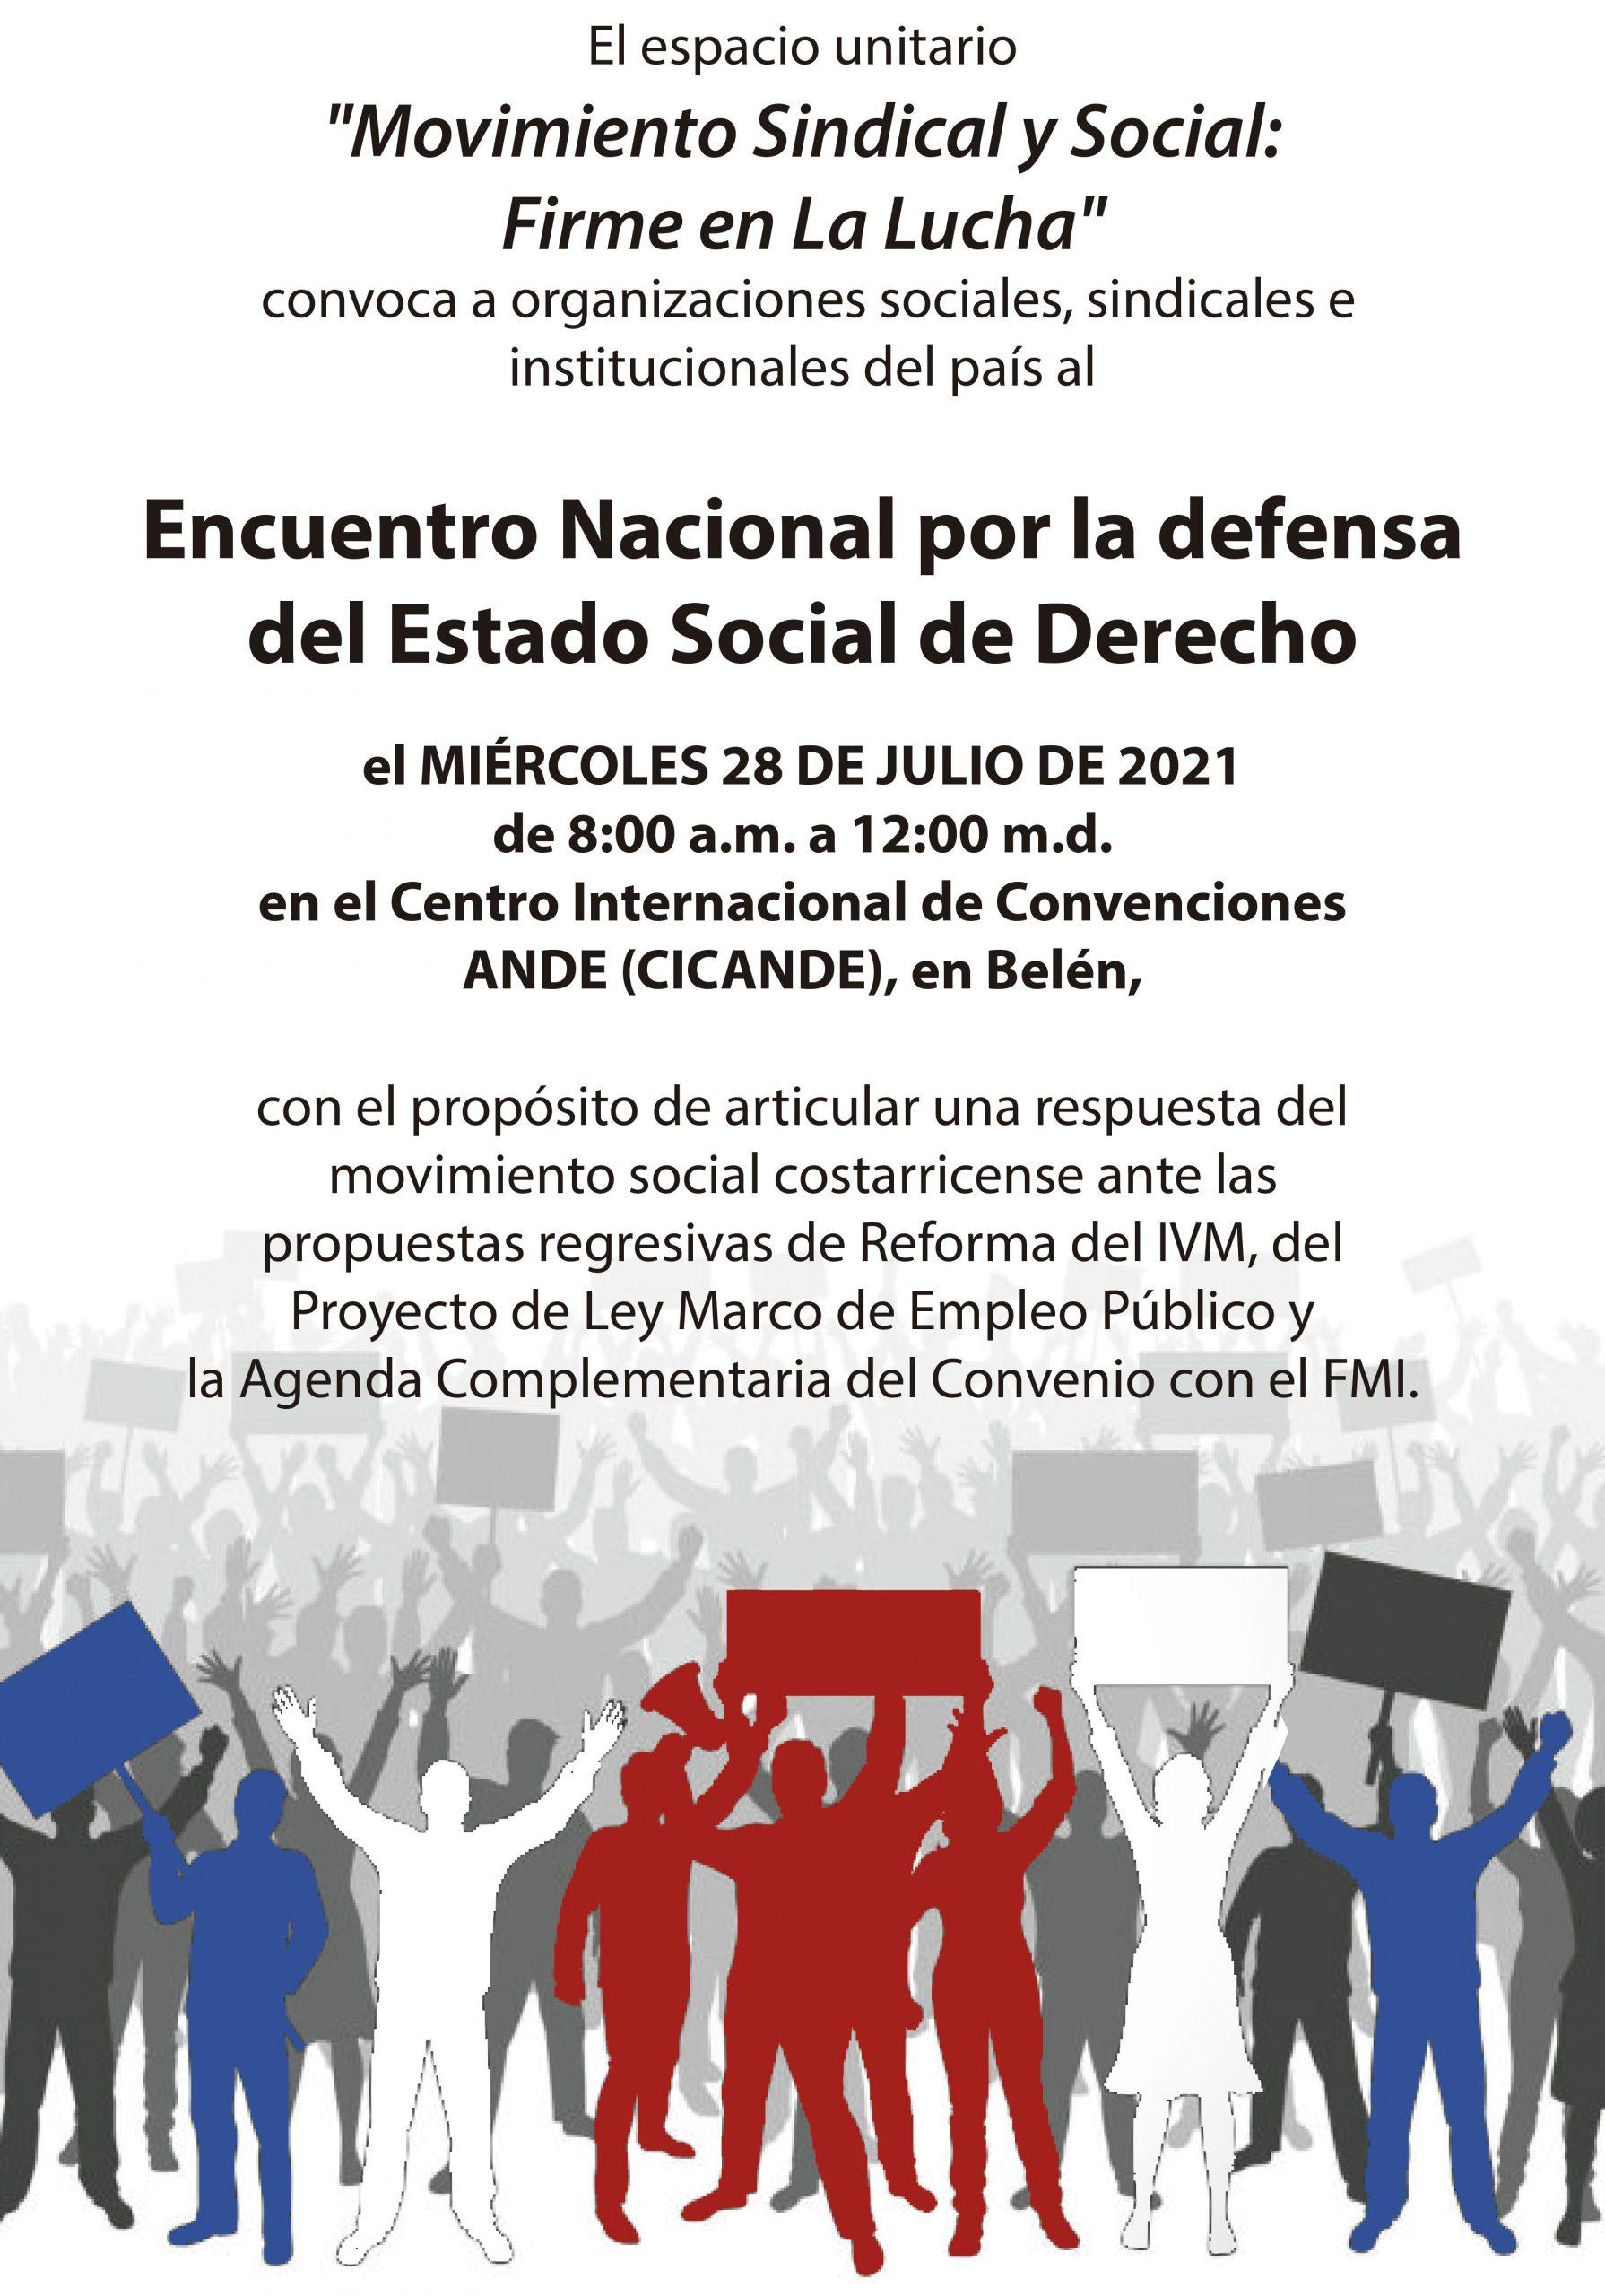 CONVOCATORIA AL ENCUENTRO NACIONAL POR LA DEFENSA DEL ESTADO SOCIAL DE DERECHO